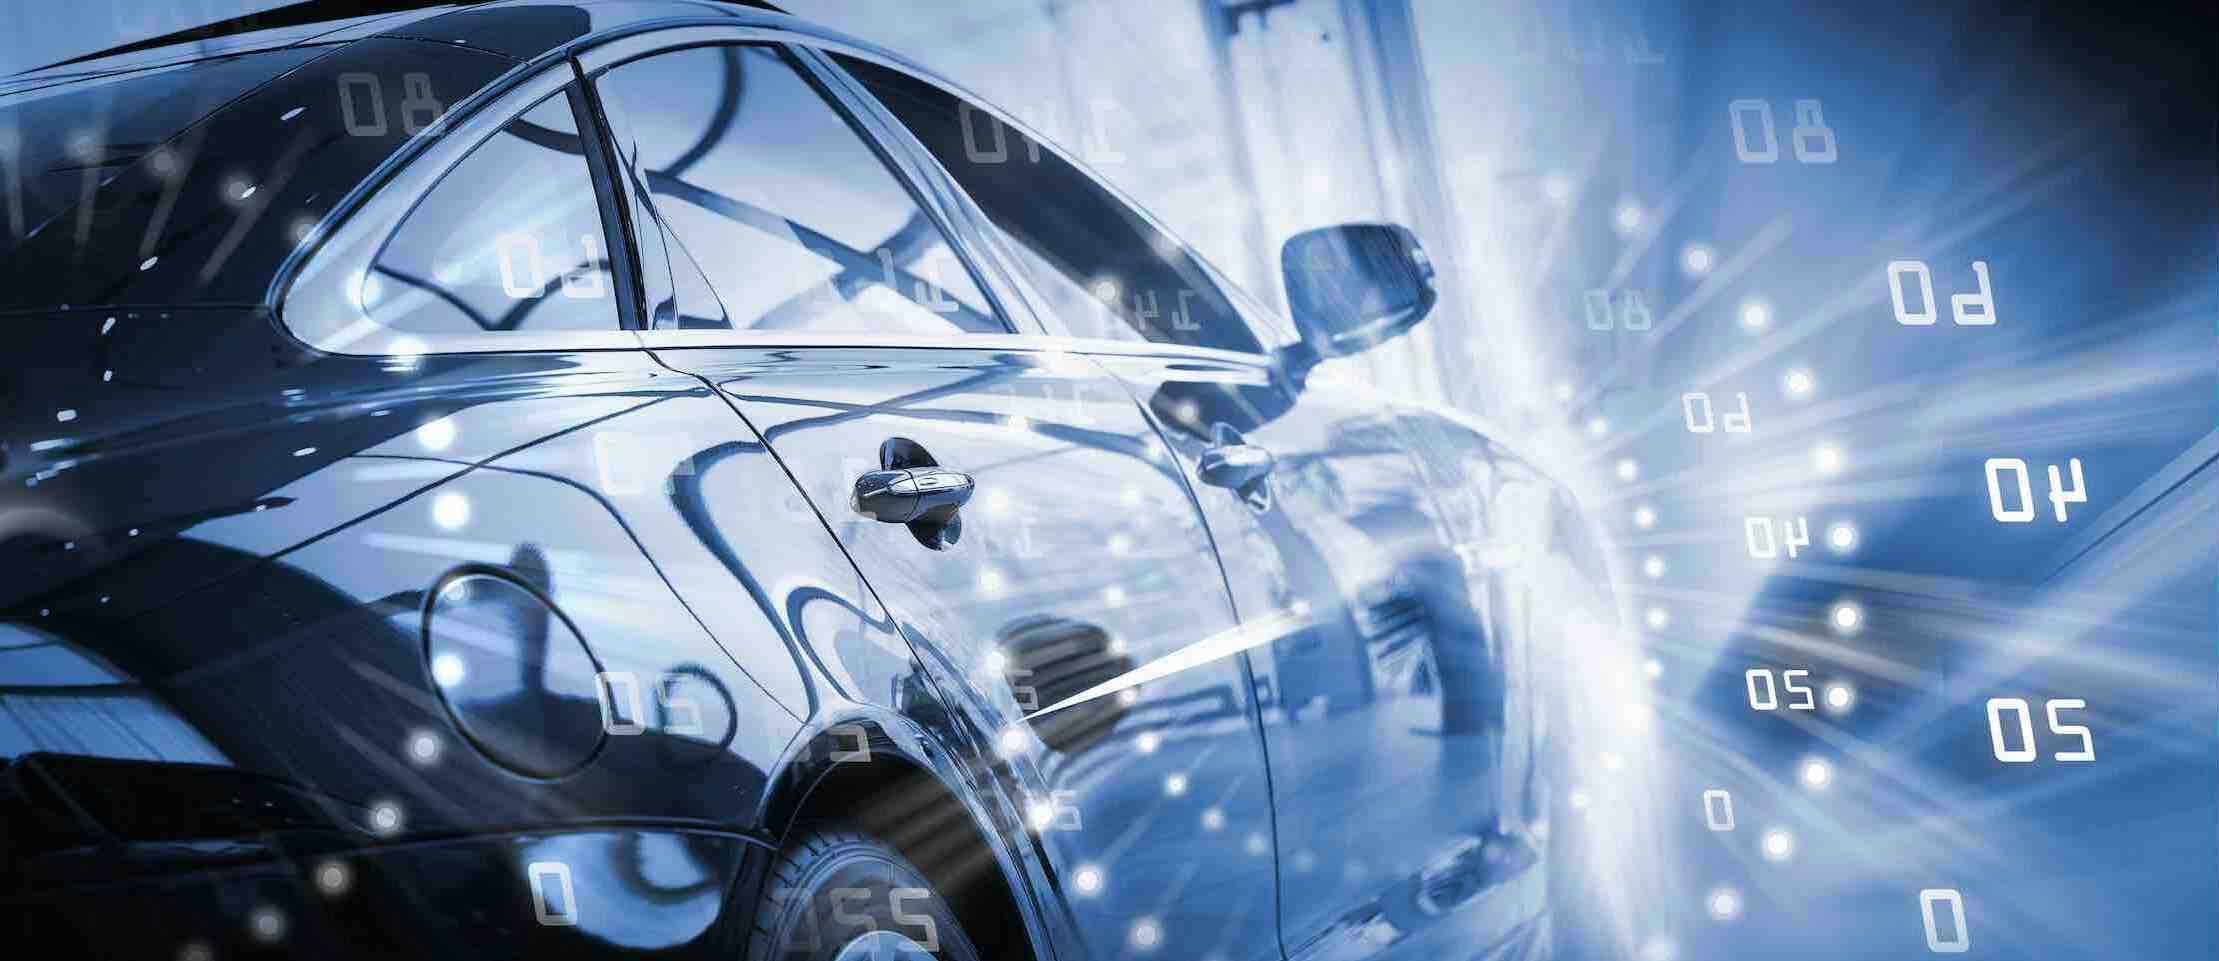 Comment éviter de perdre de l'argent sur une voiture?